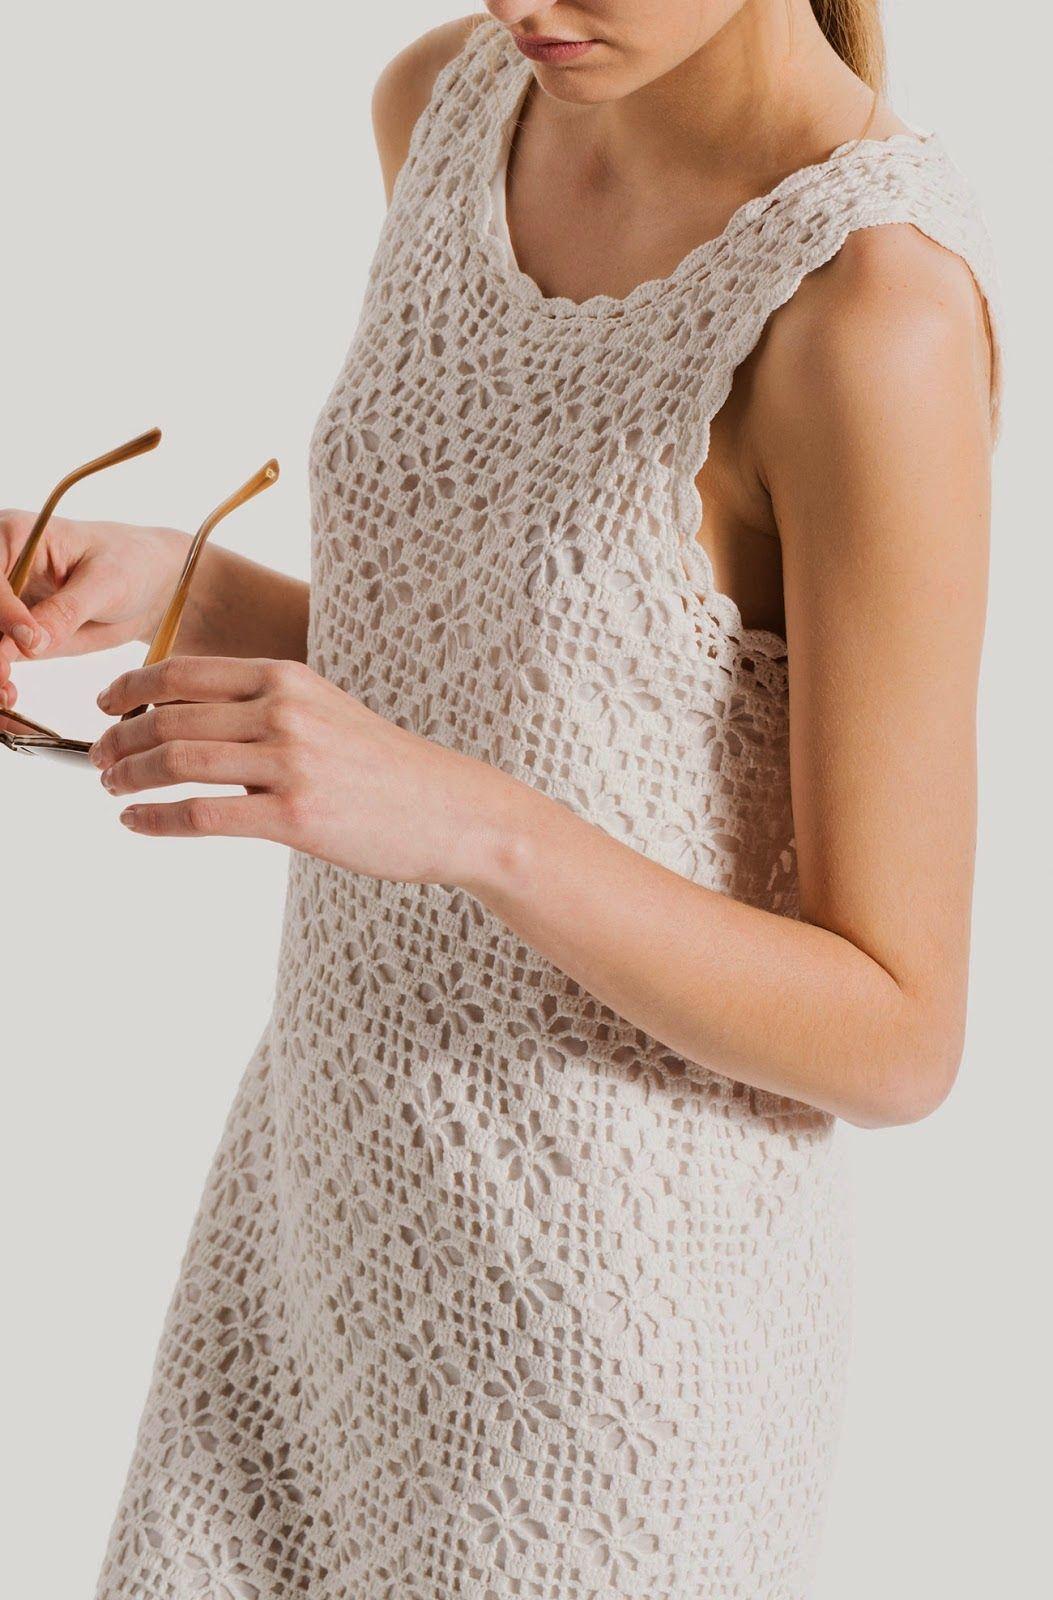 Vestido Tubinho Com Ponto Aranha   Tops de crochê   Pinterest ...